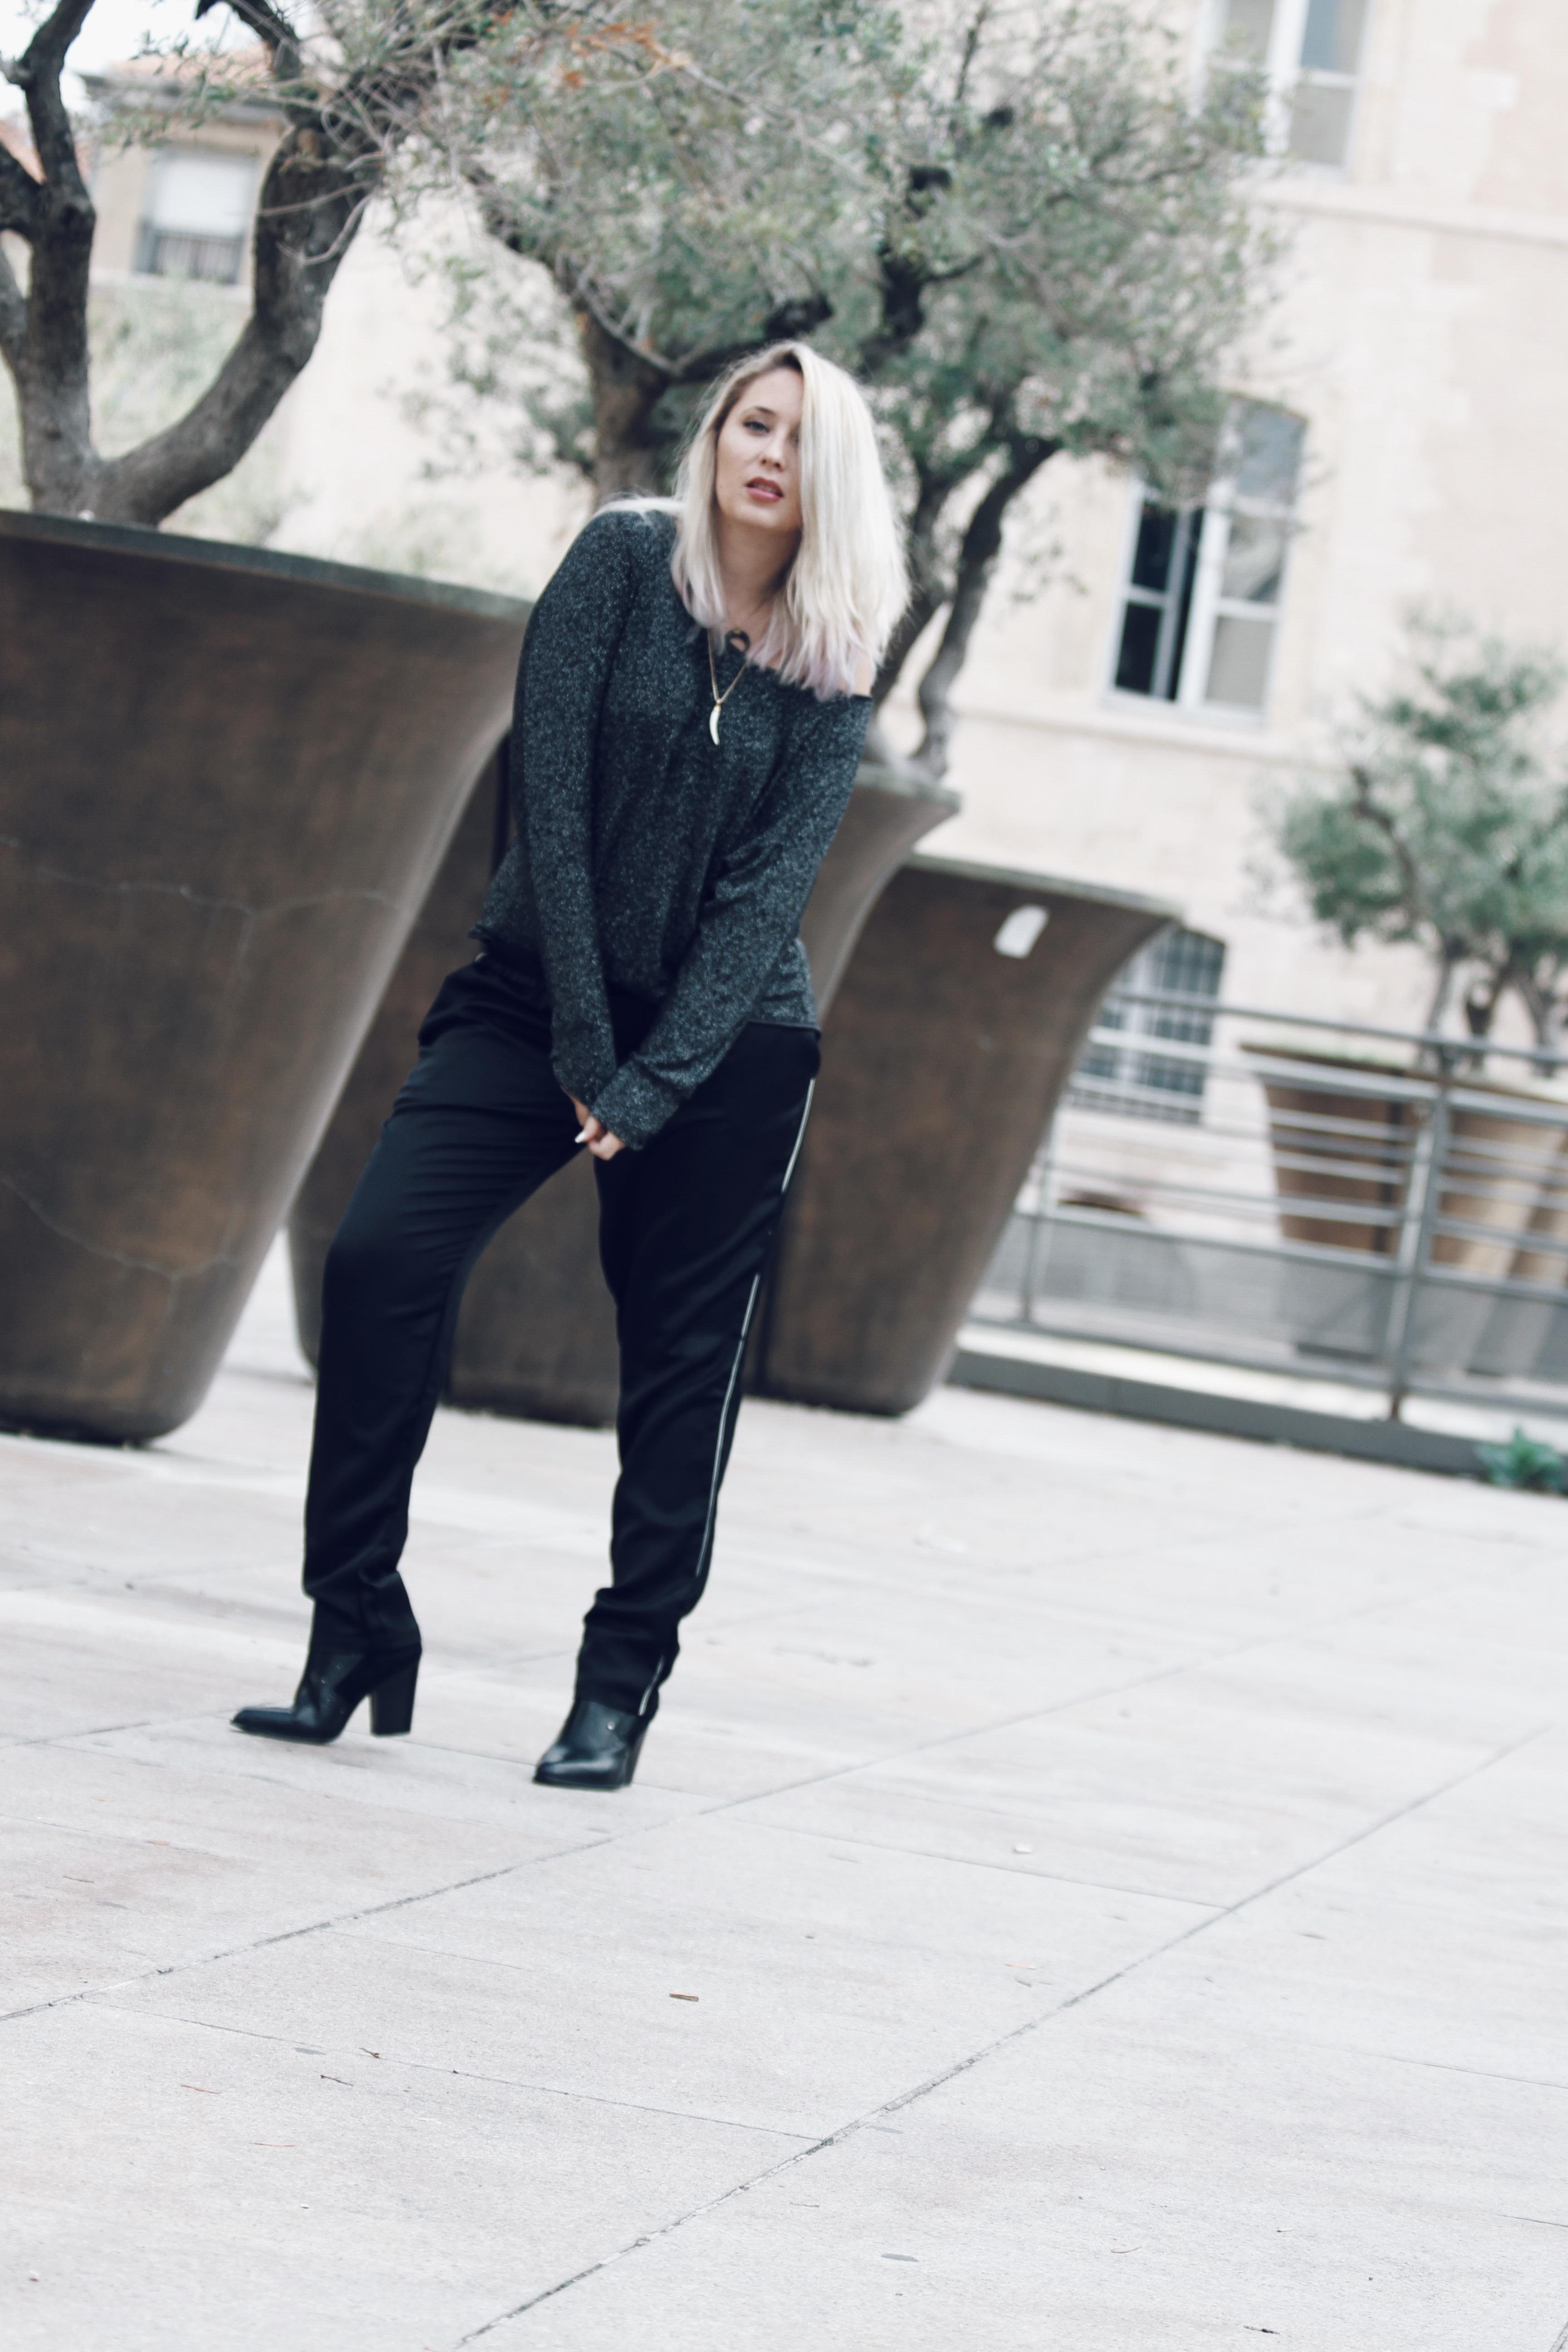 marseille-ootd-look-style